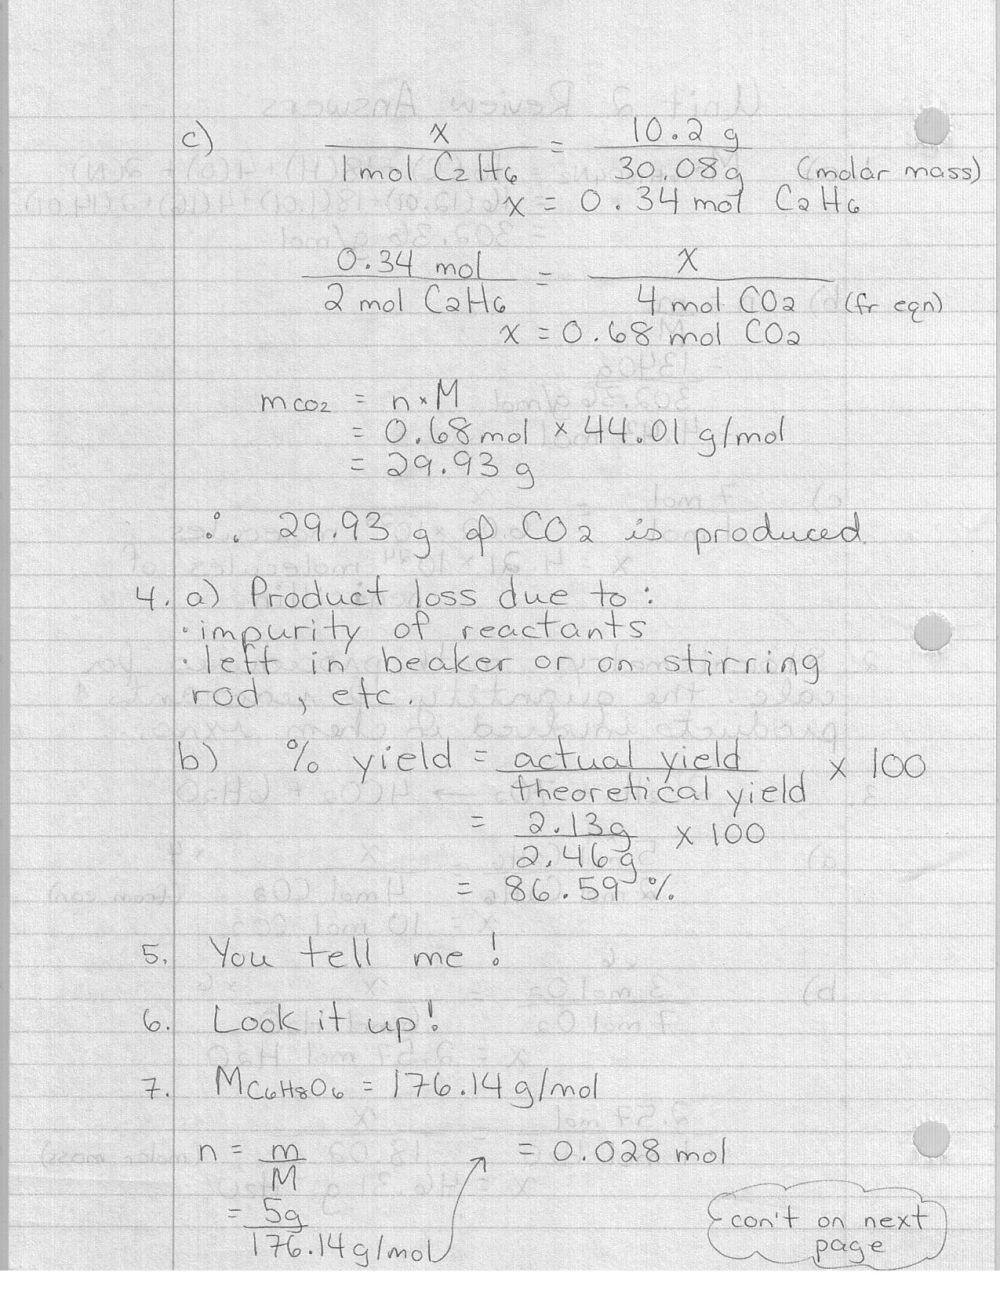 medium resolution of mathball / Grade 12 Chemistry sem 2 09-10